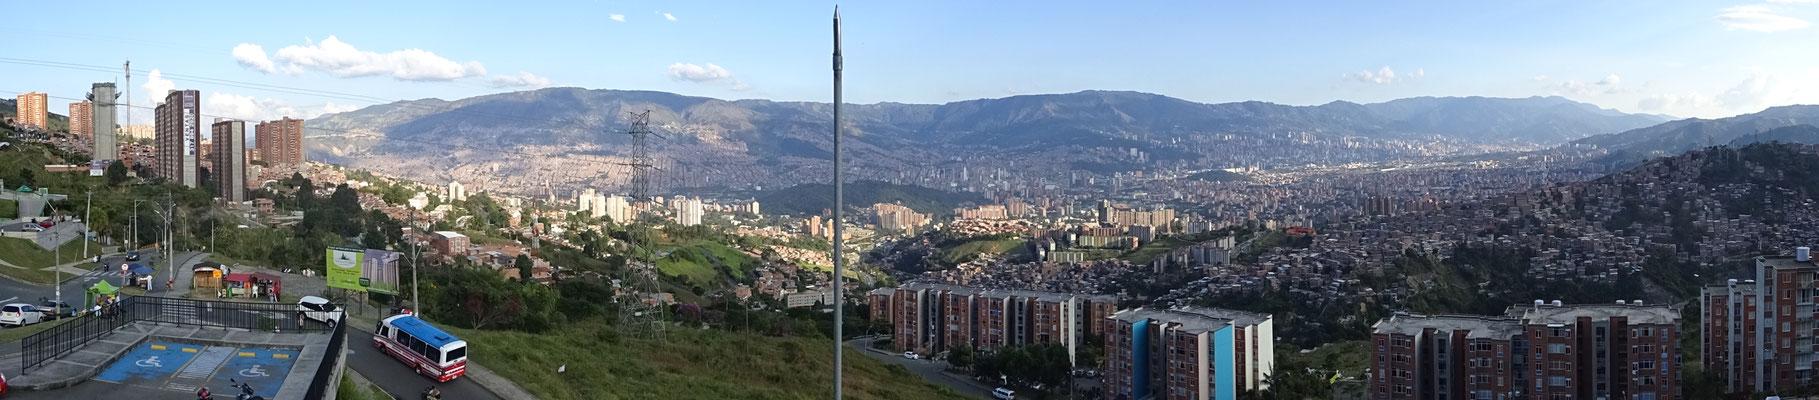 Panorama Medellin - die Stadt liegt in einem Tal zwischen fast 3000 m hohen Bergen